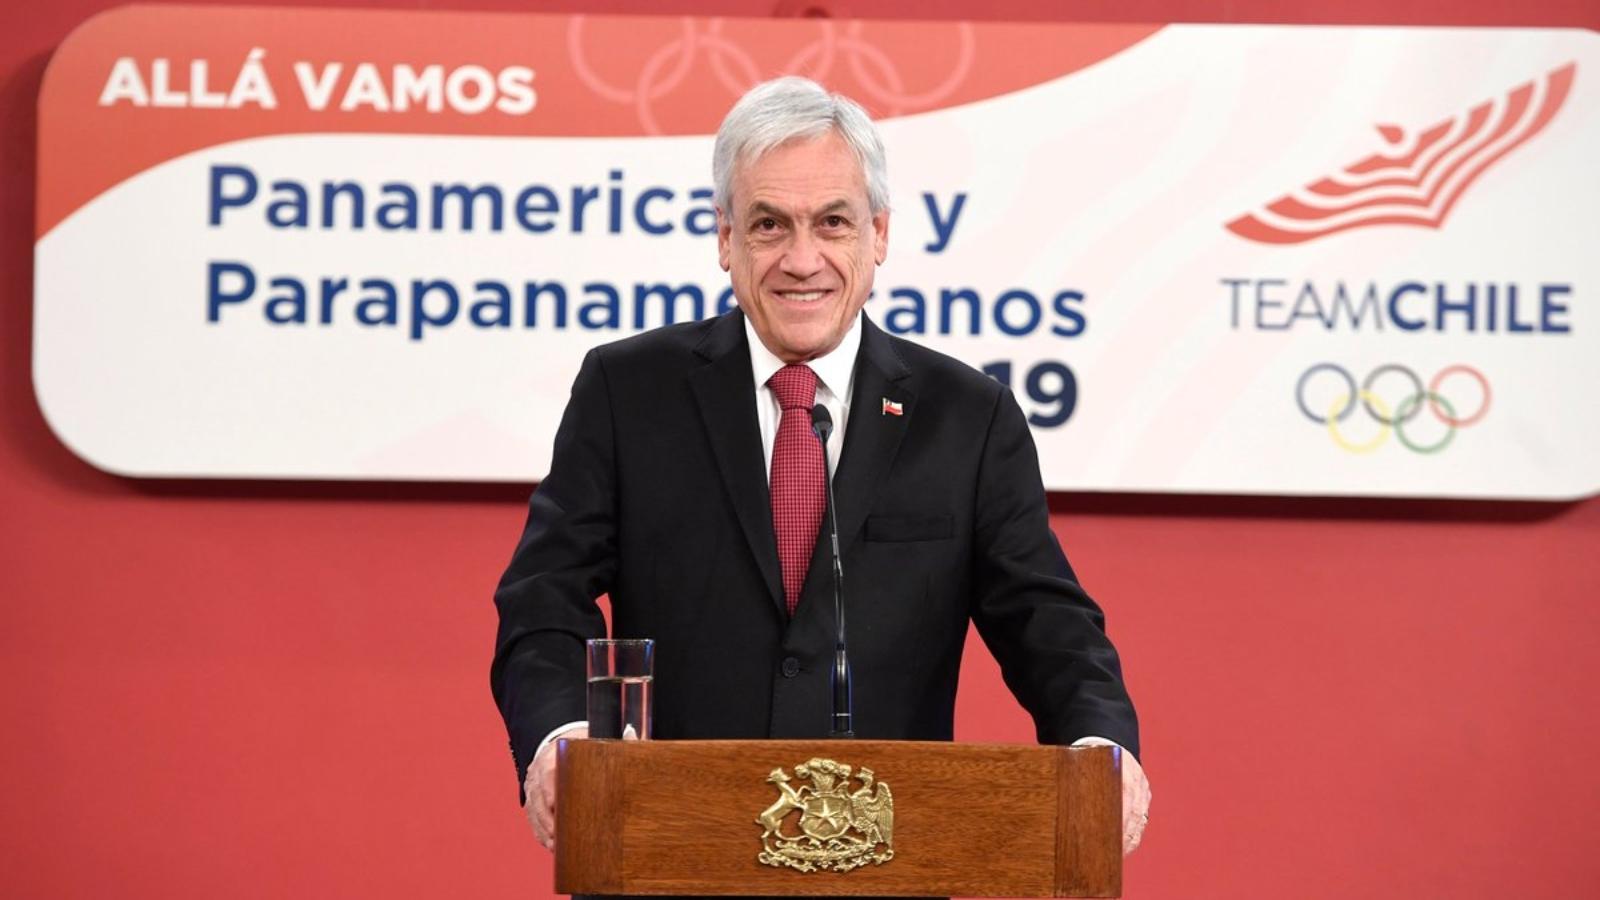 Chile prohibirá ingreso a más de 100 venezolanos ligados al gobierno de Maduro